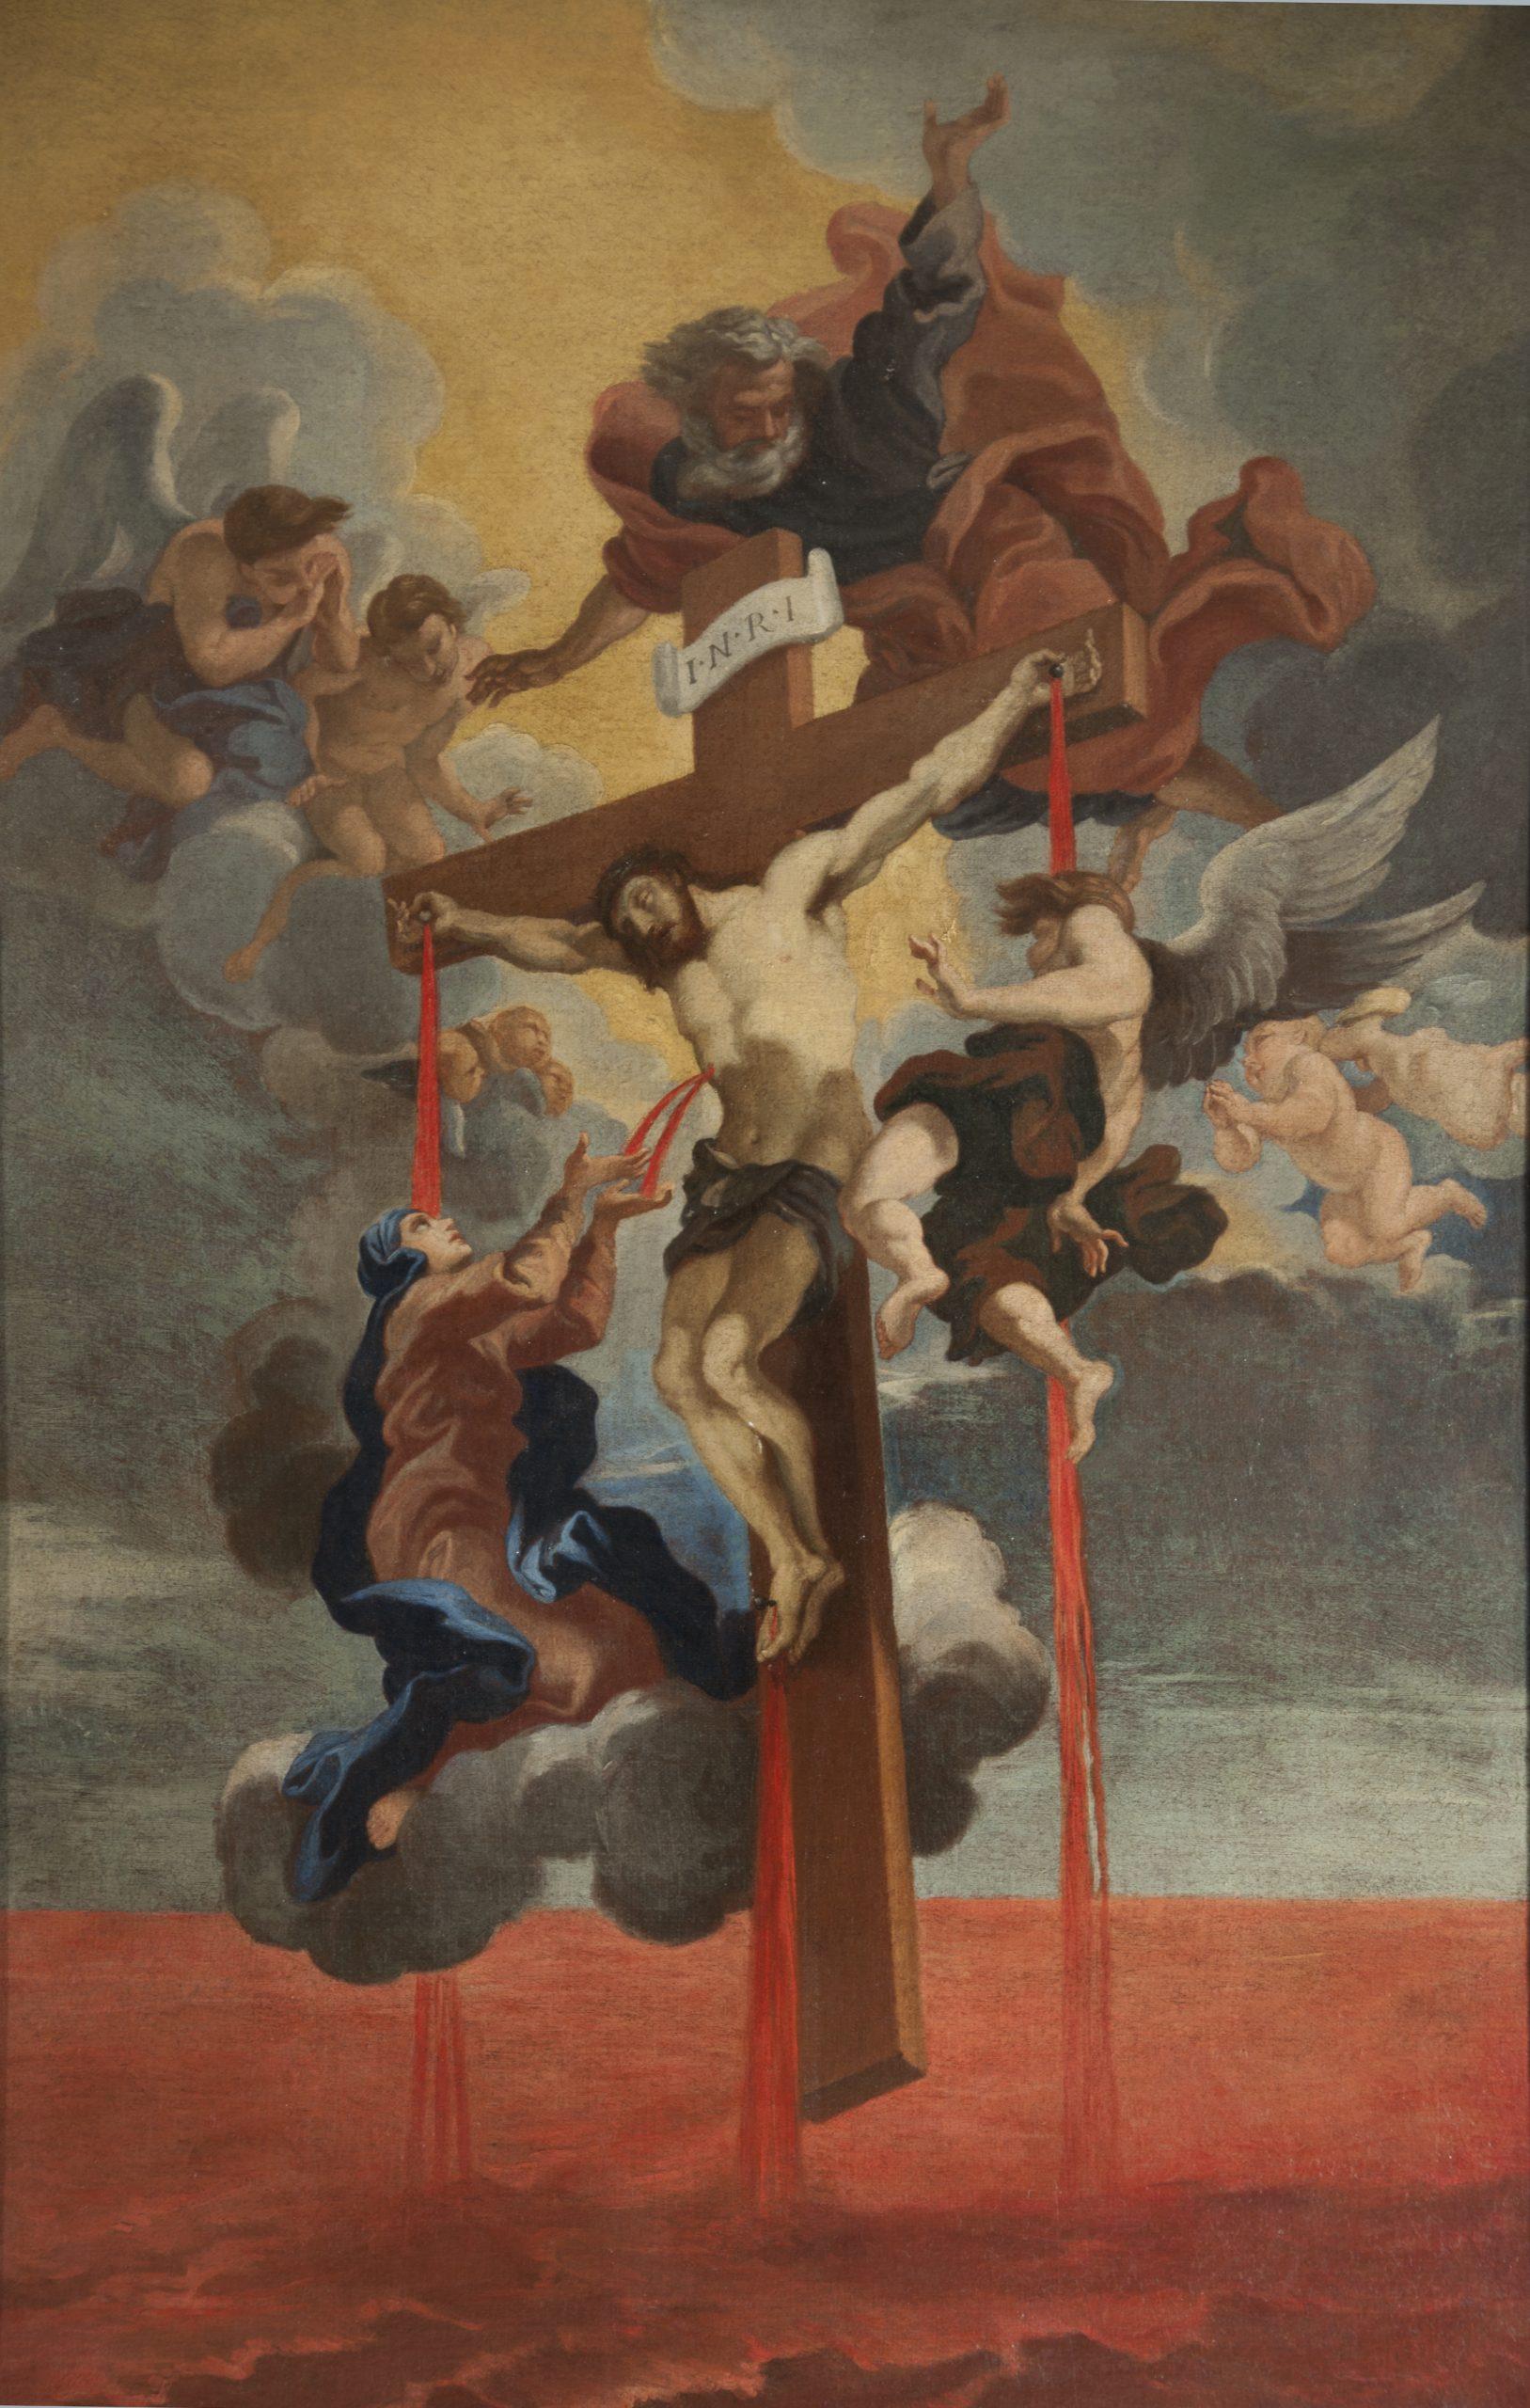 Jesus hangs on a cross in midair.